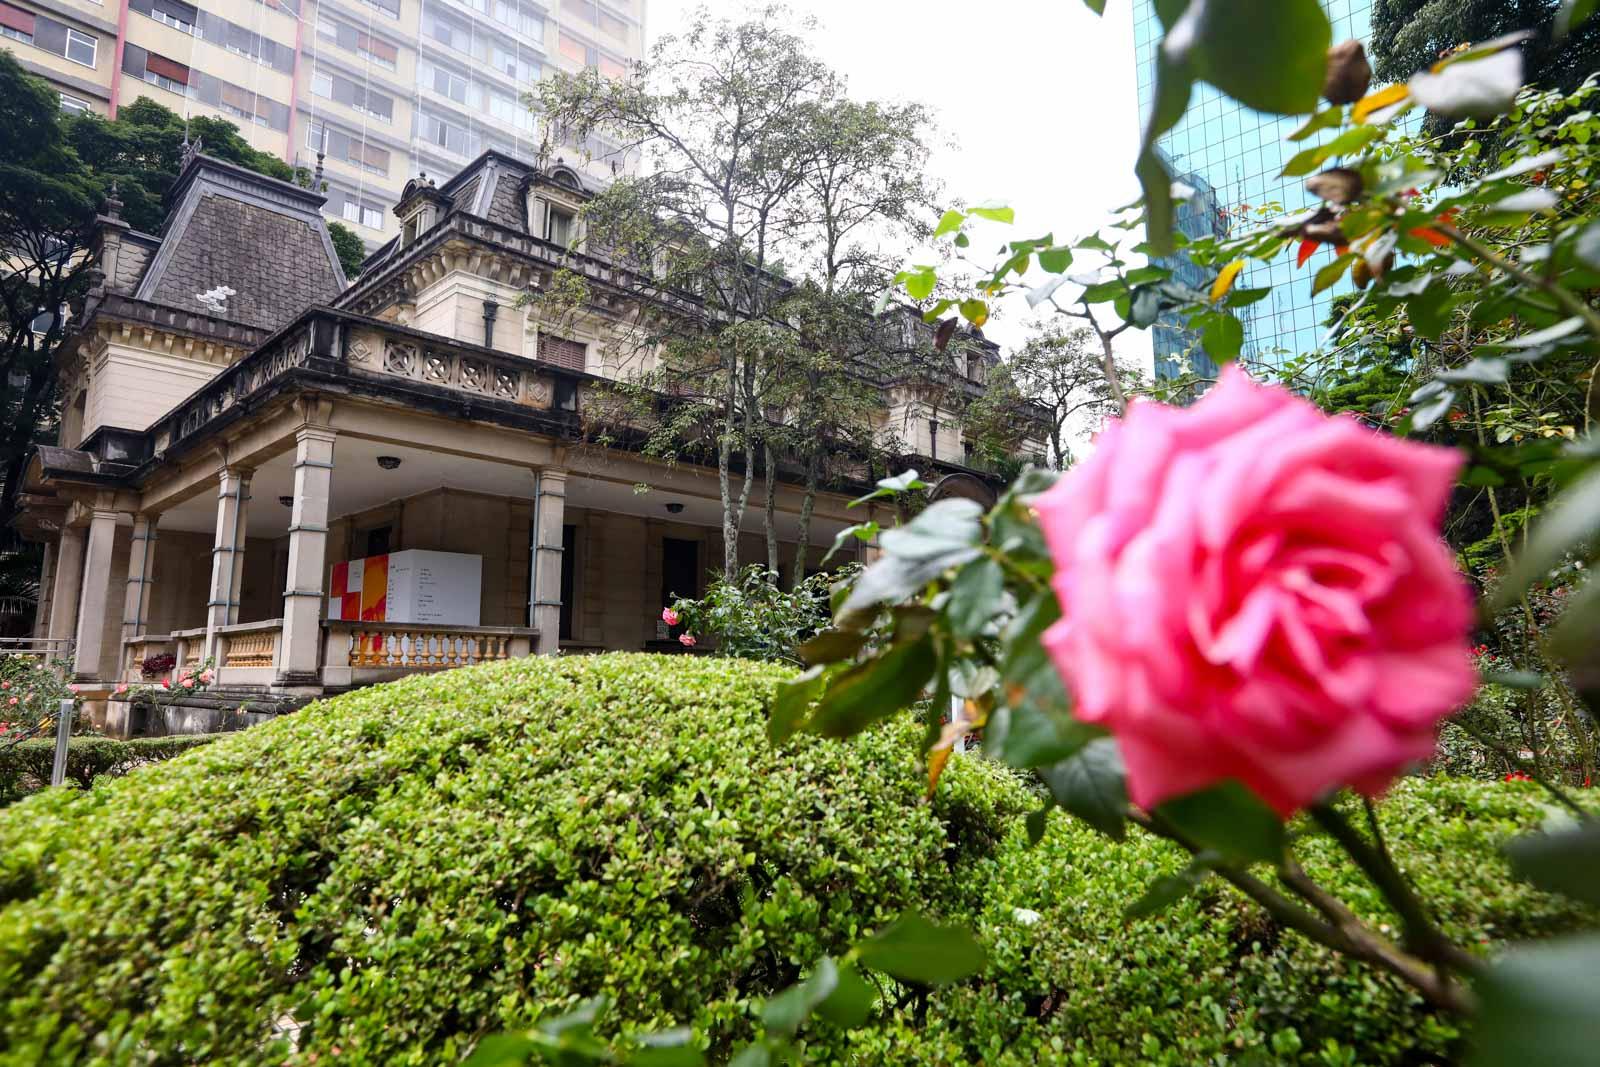 Casa das Rosas Avenida Paulista